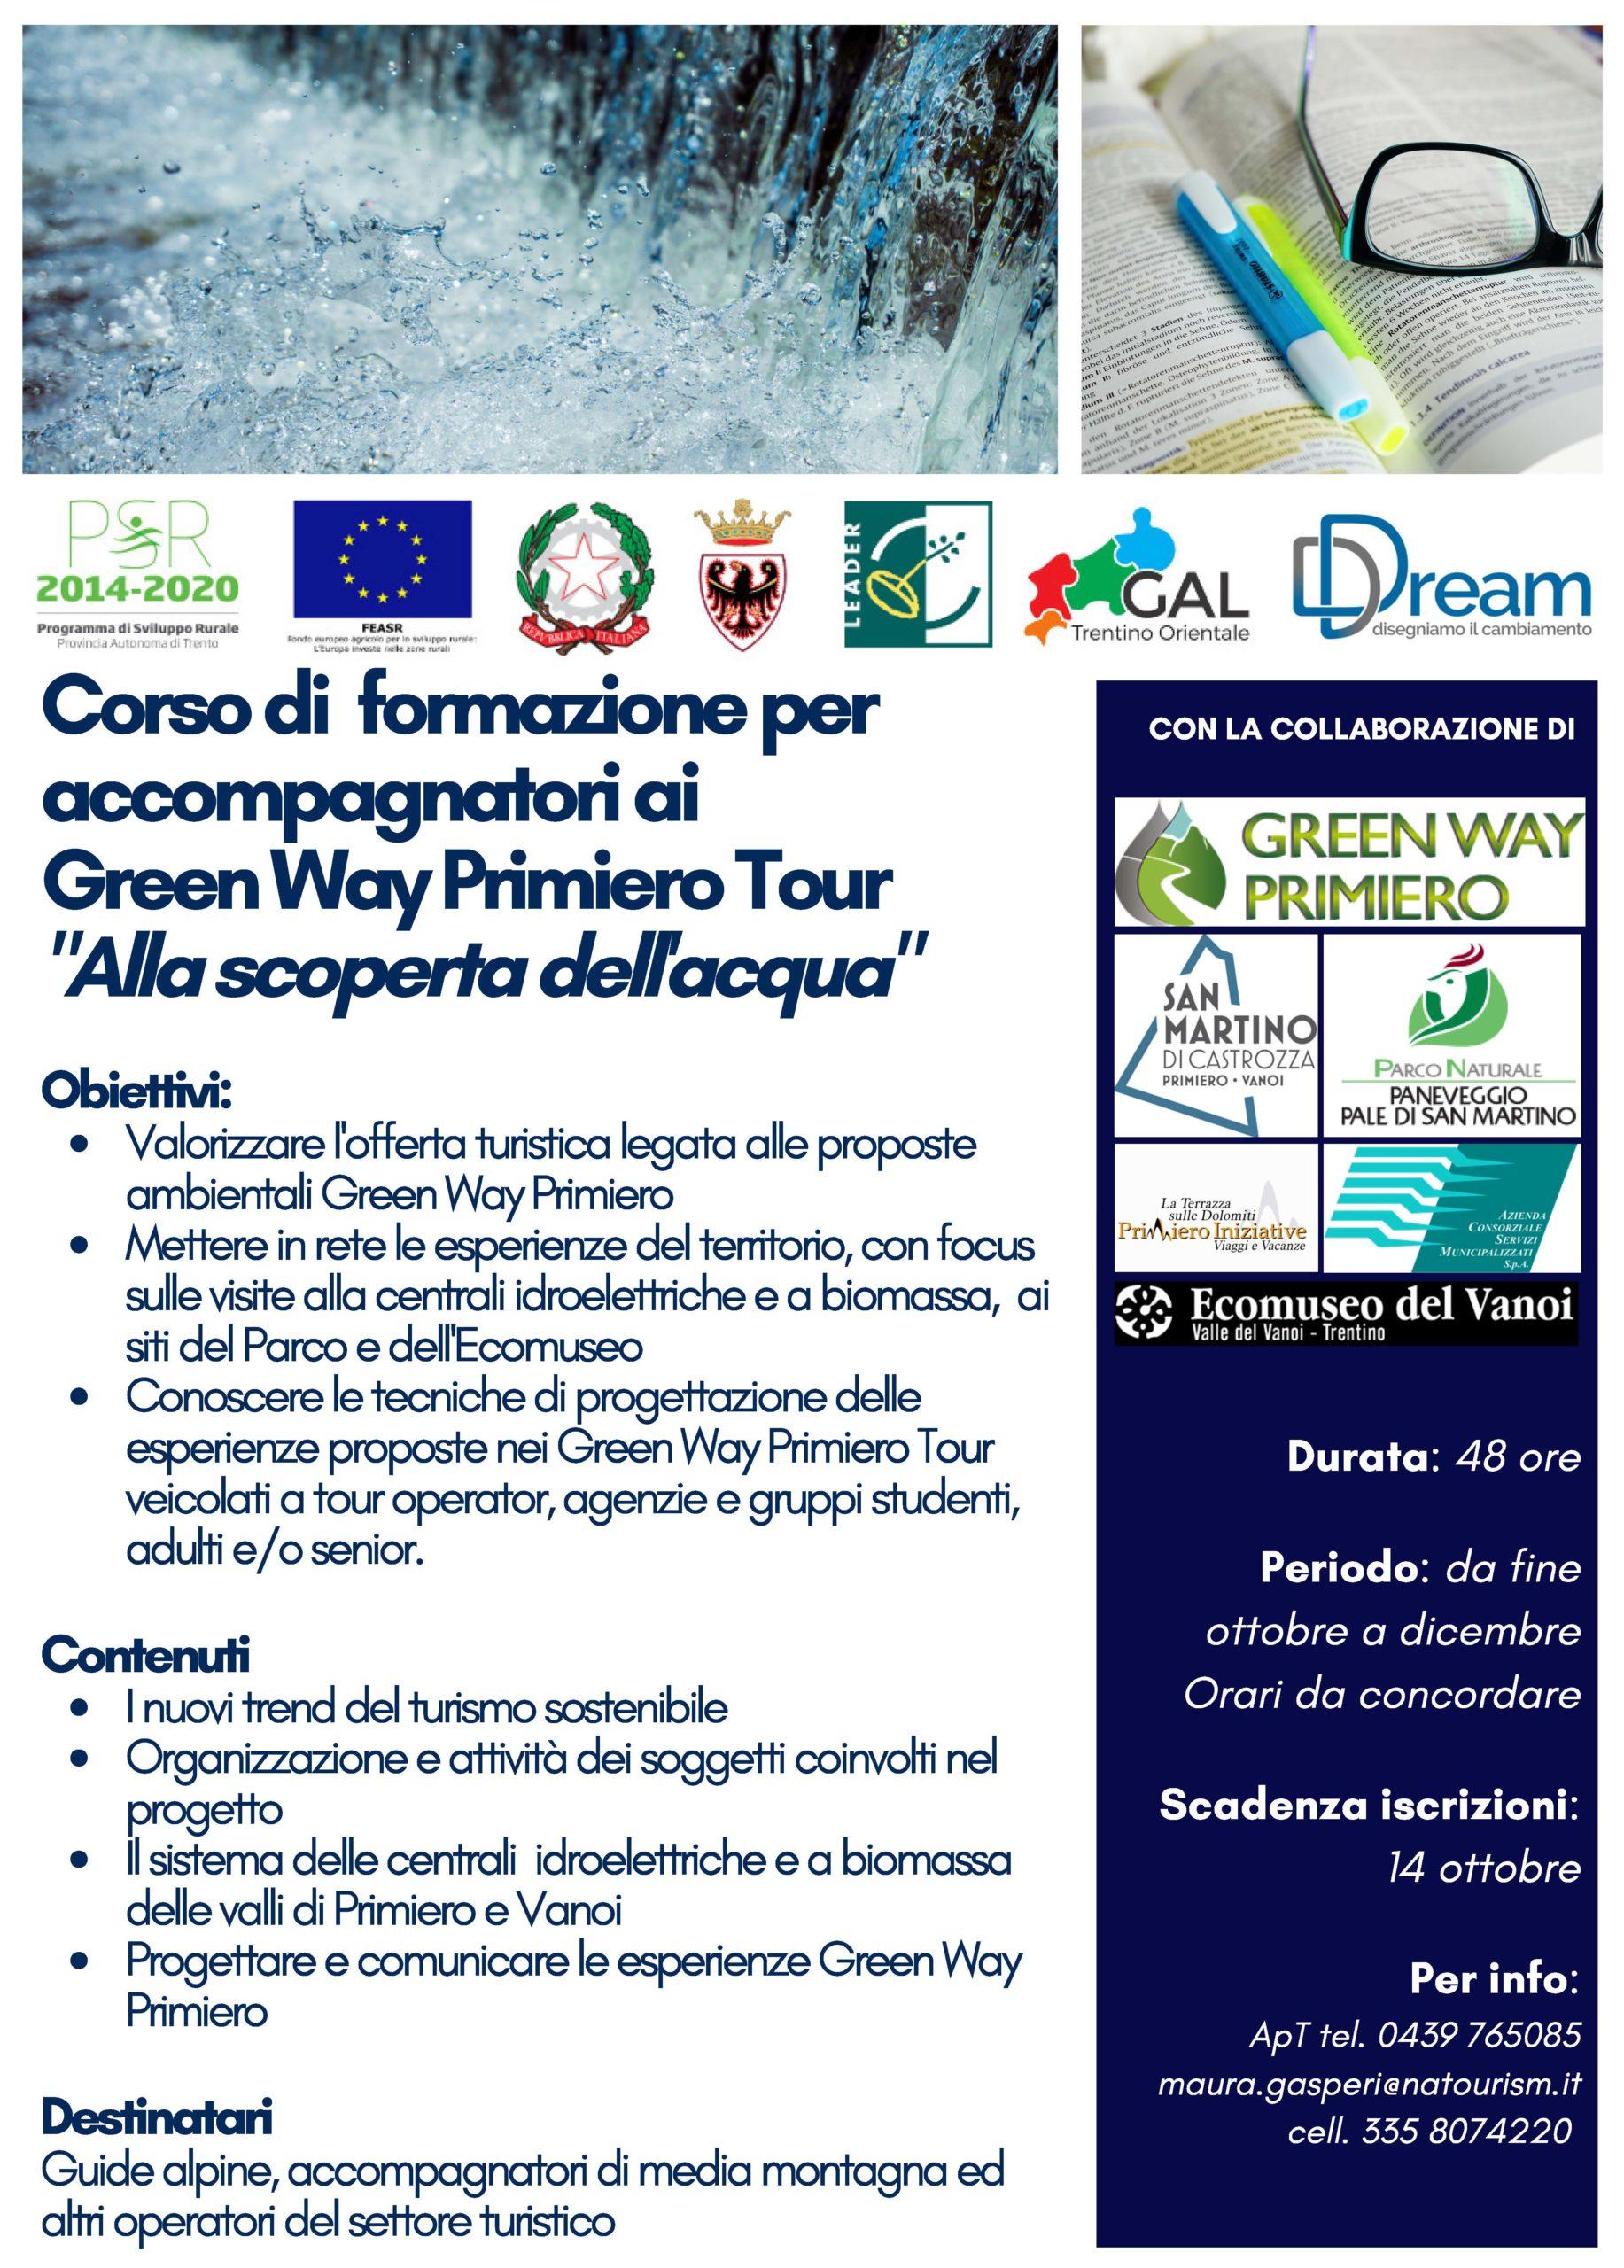 Locandina definitiva per Corso accompagnatori GWP Tour